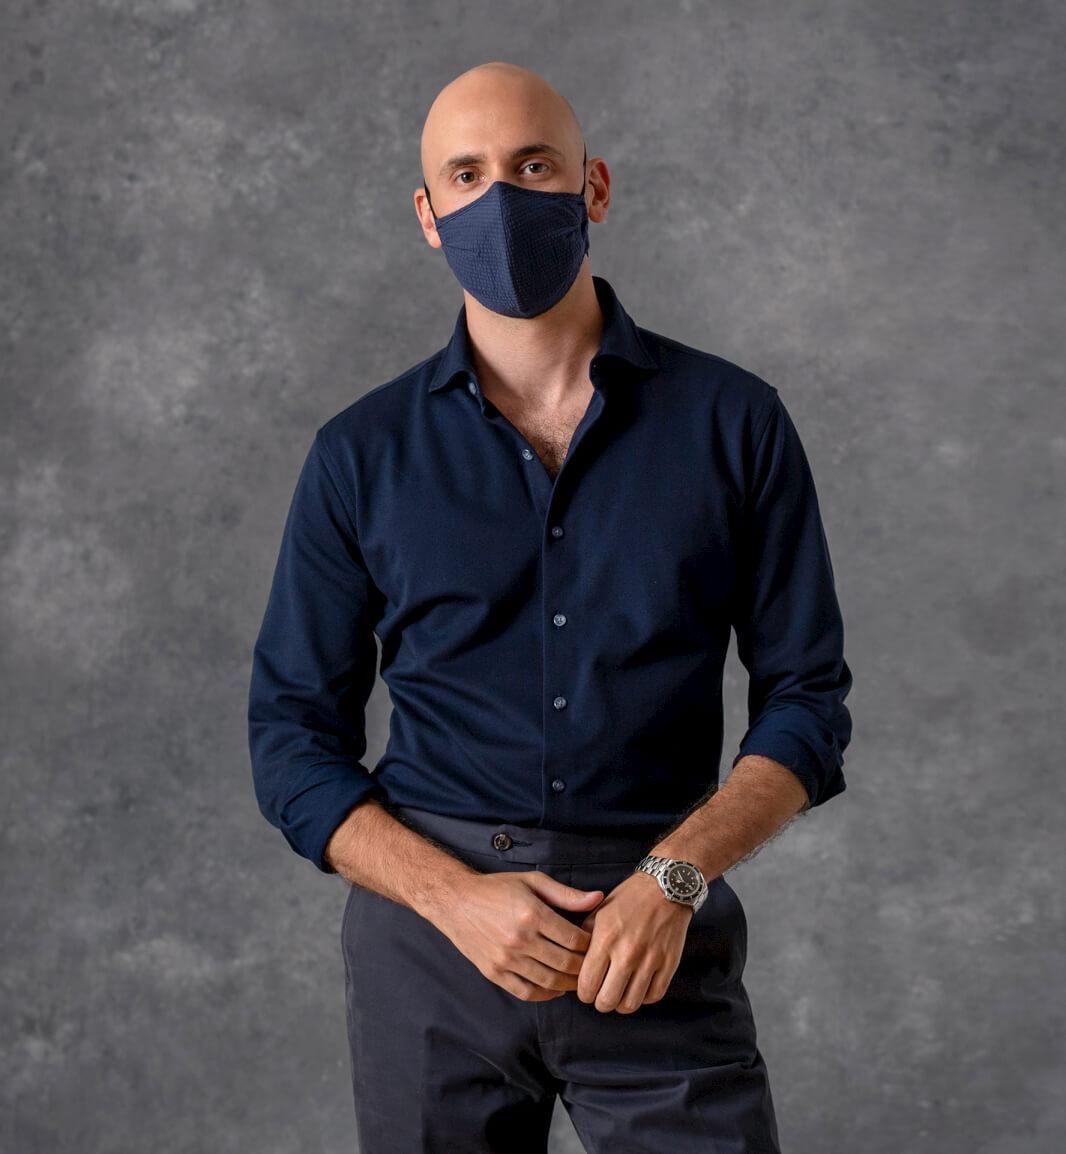 model wearing size large mask